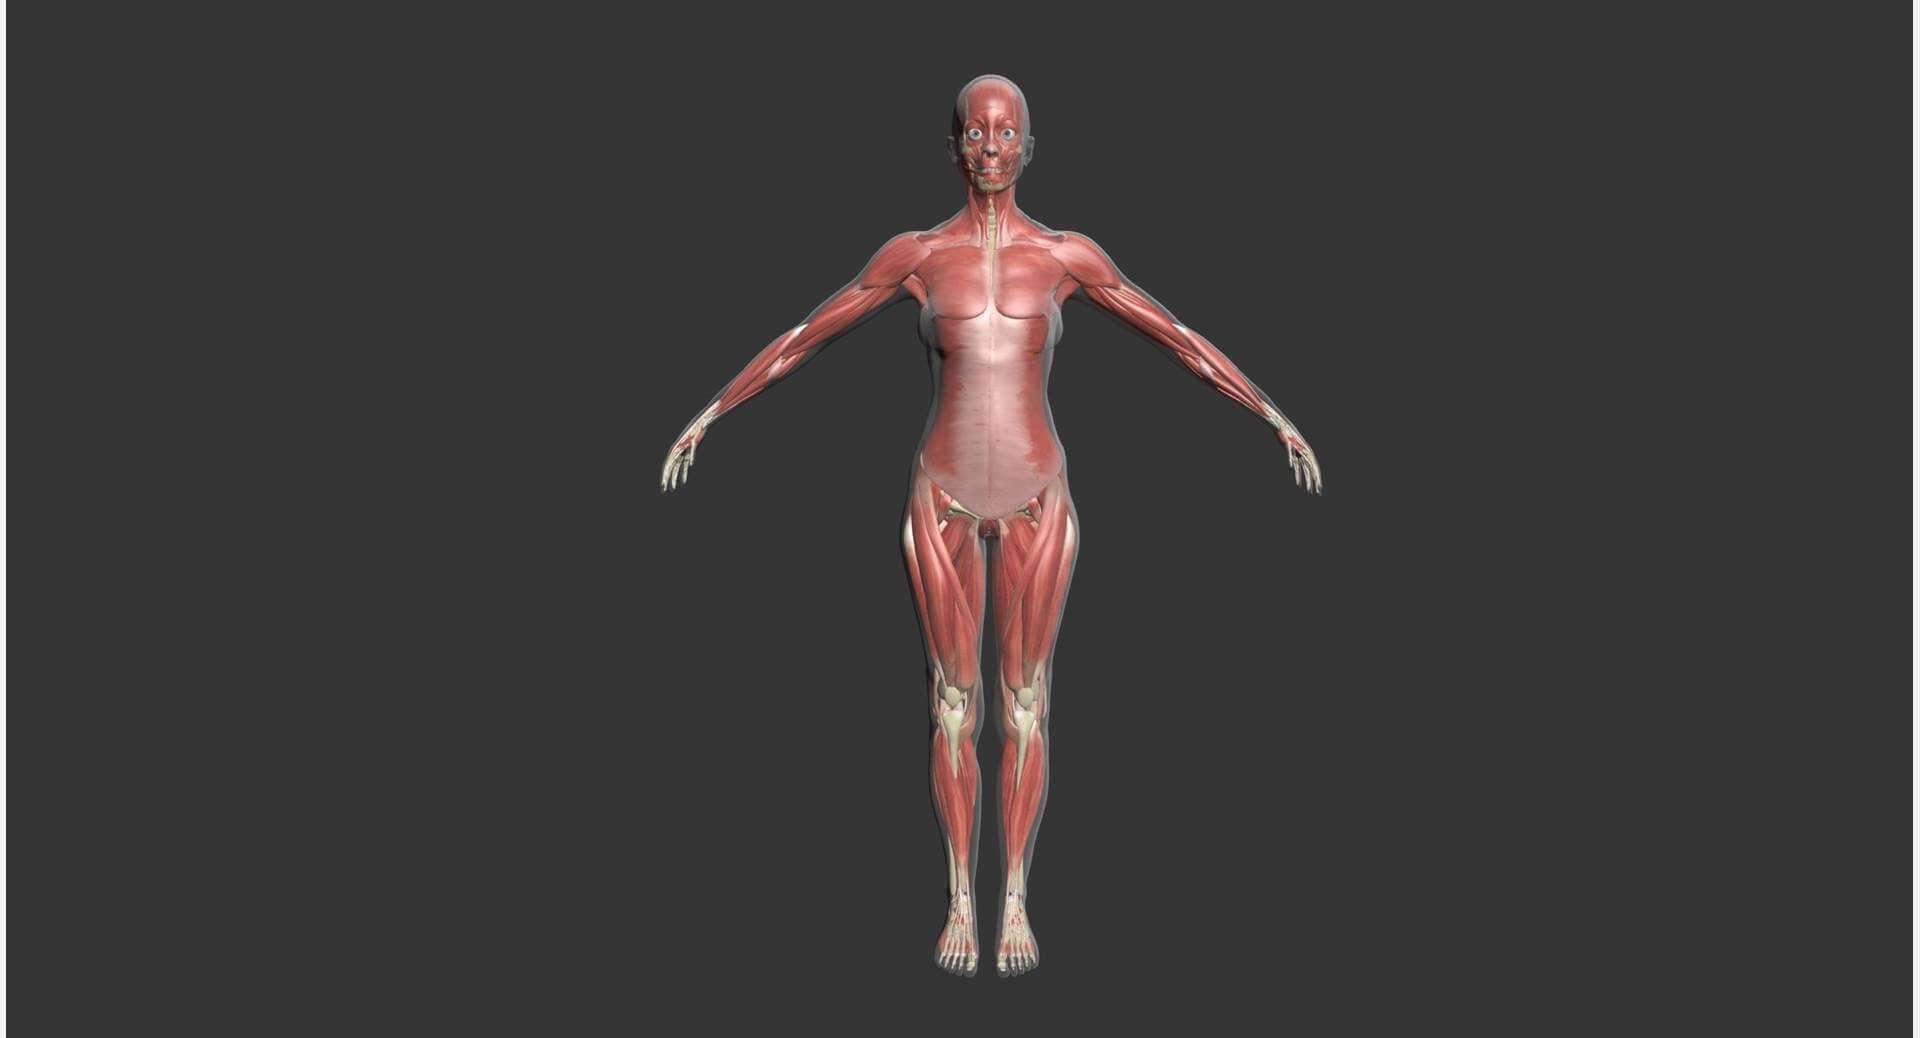 Female Muscle Anatomy 3d Model